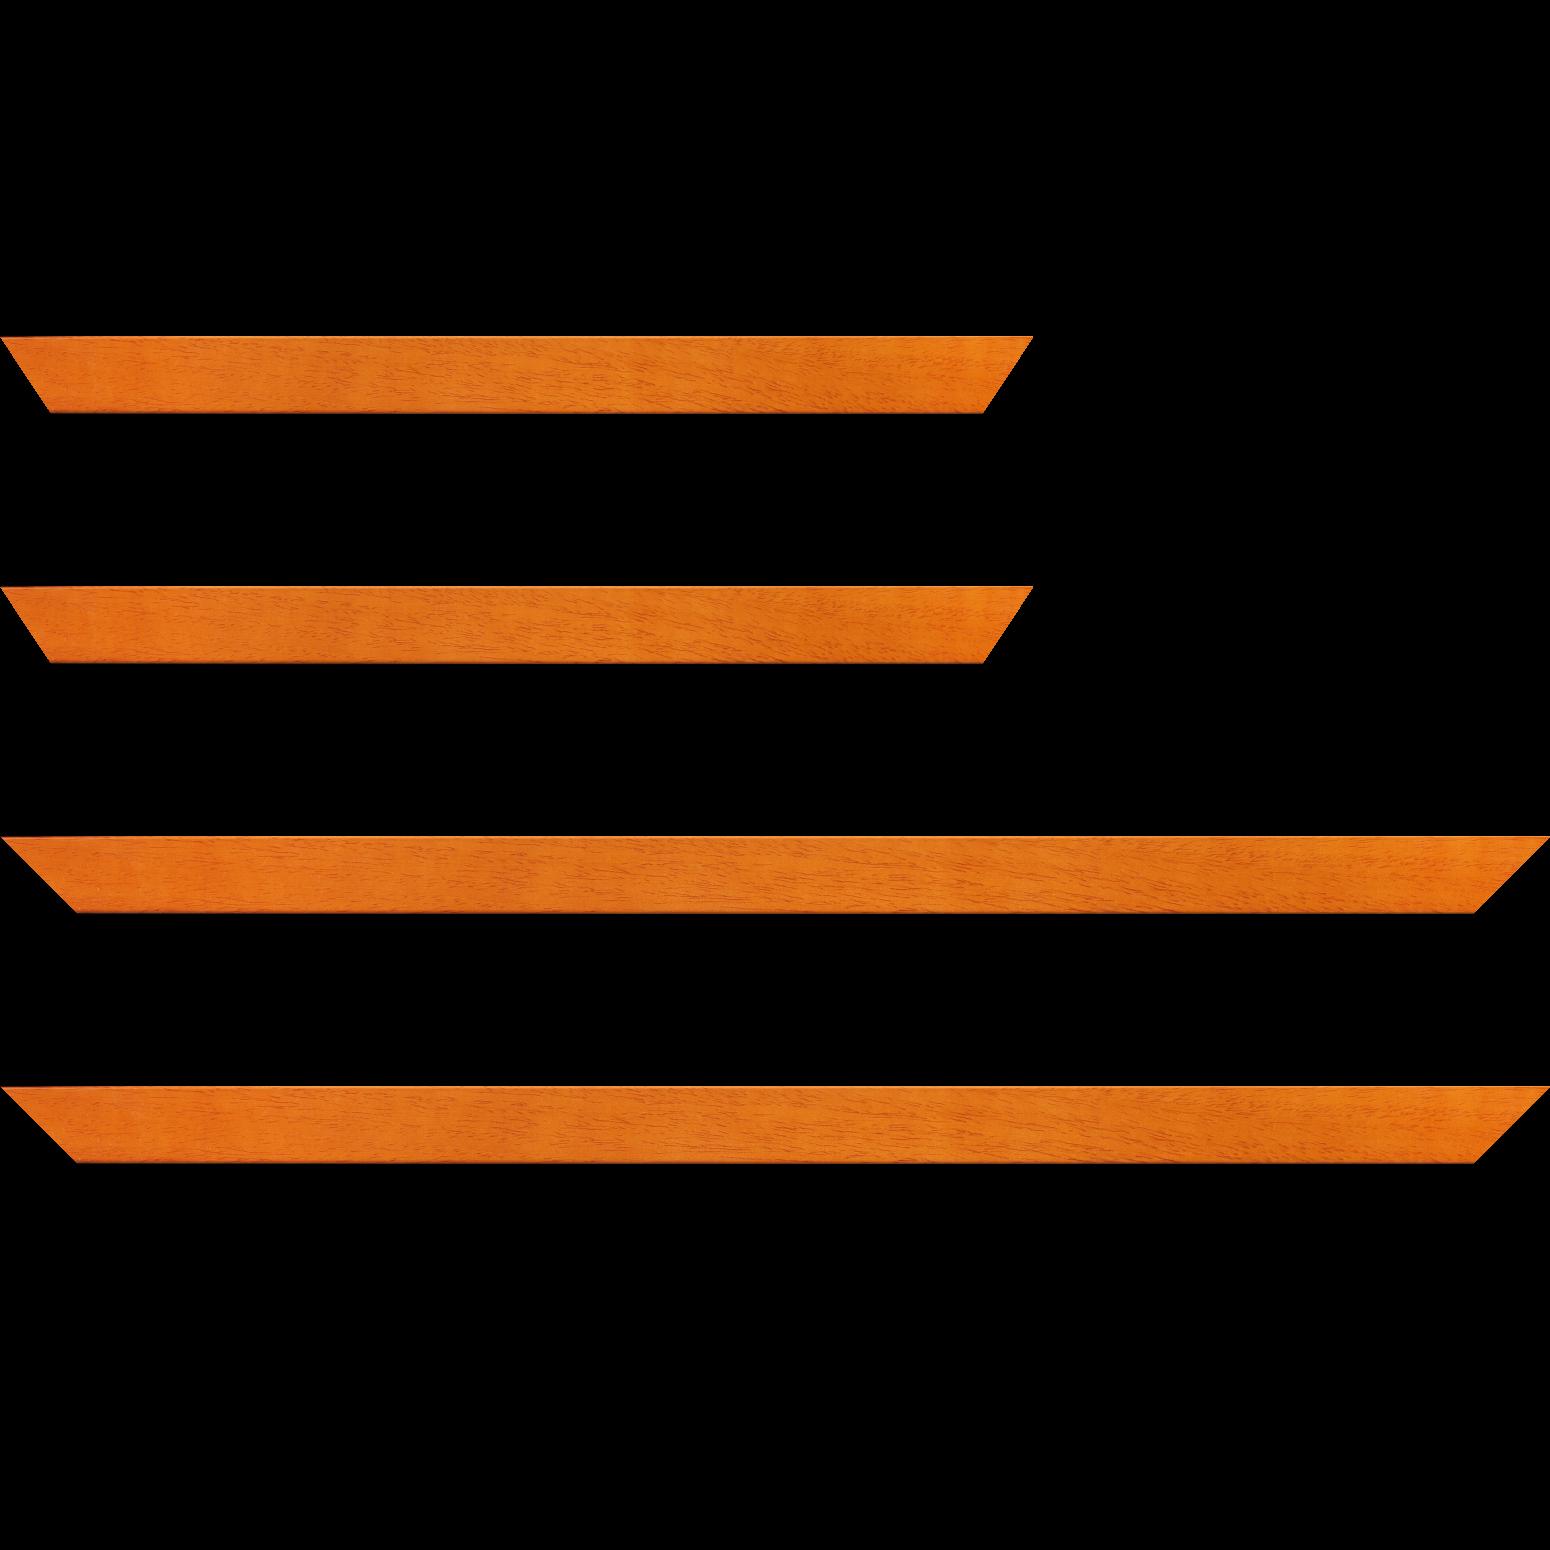 Baguette service précoupé bois profil plat largeur 2.5cm couleur orange satiné